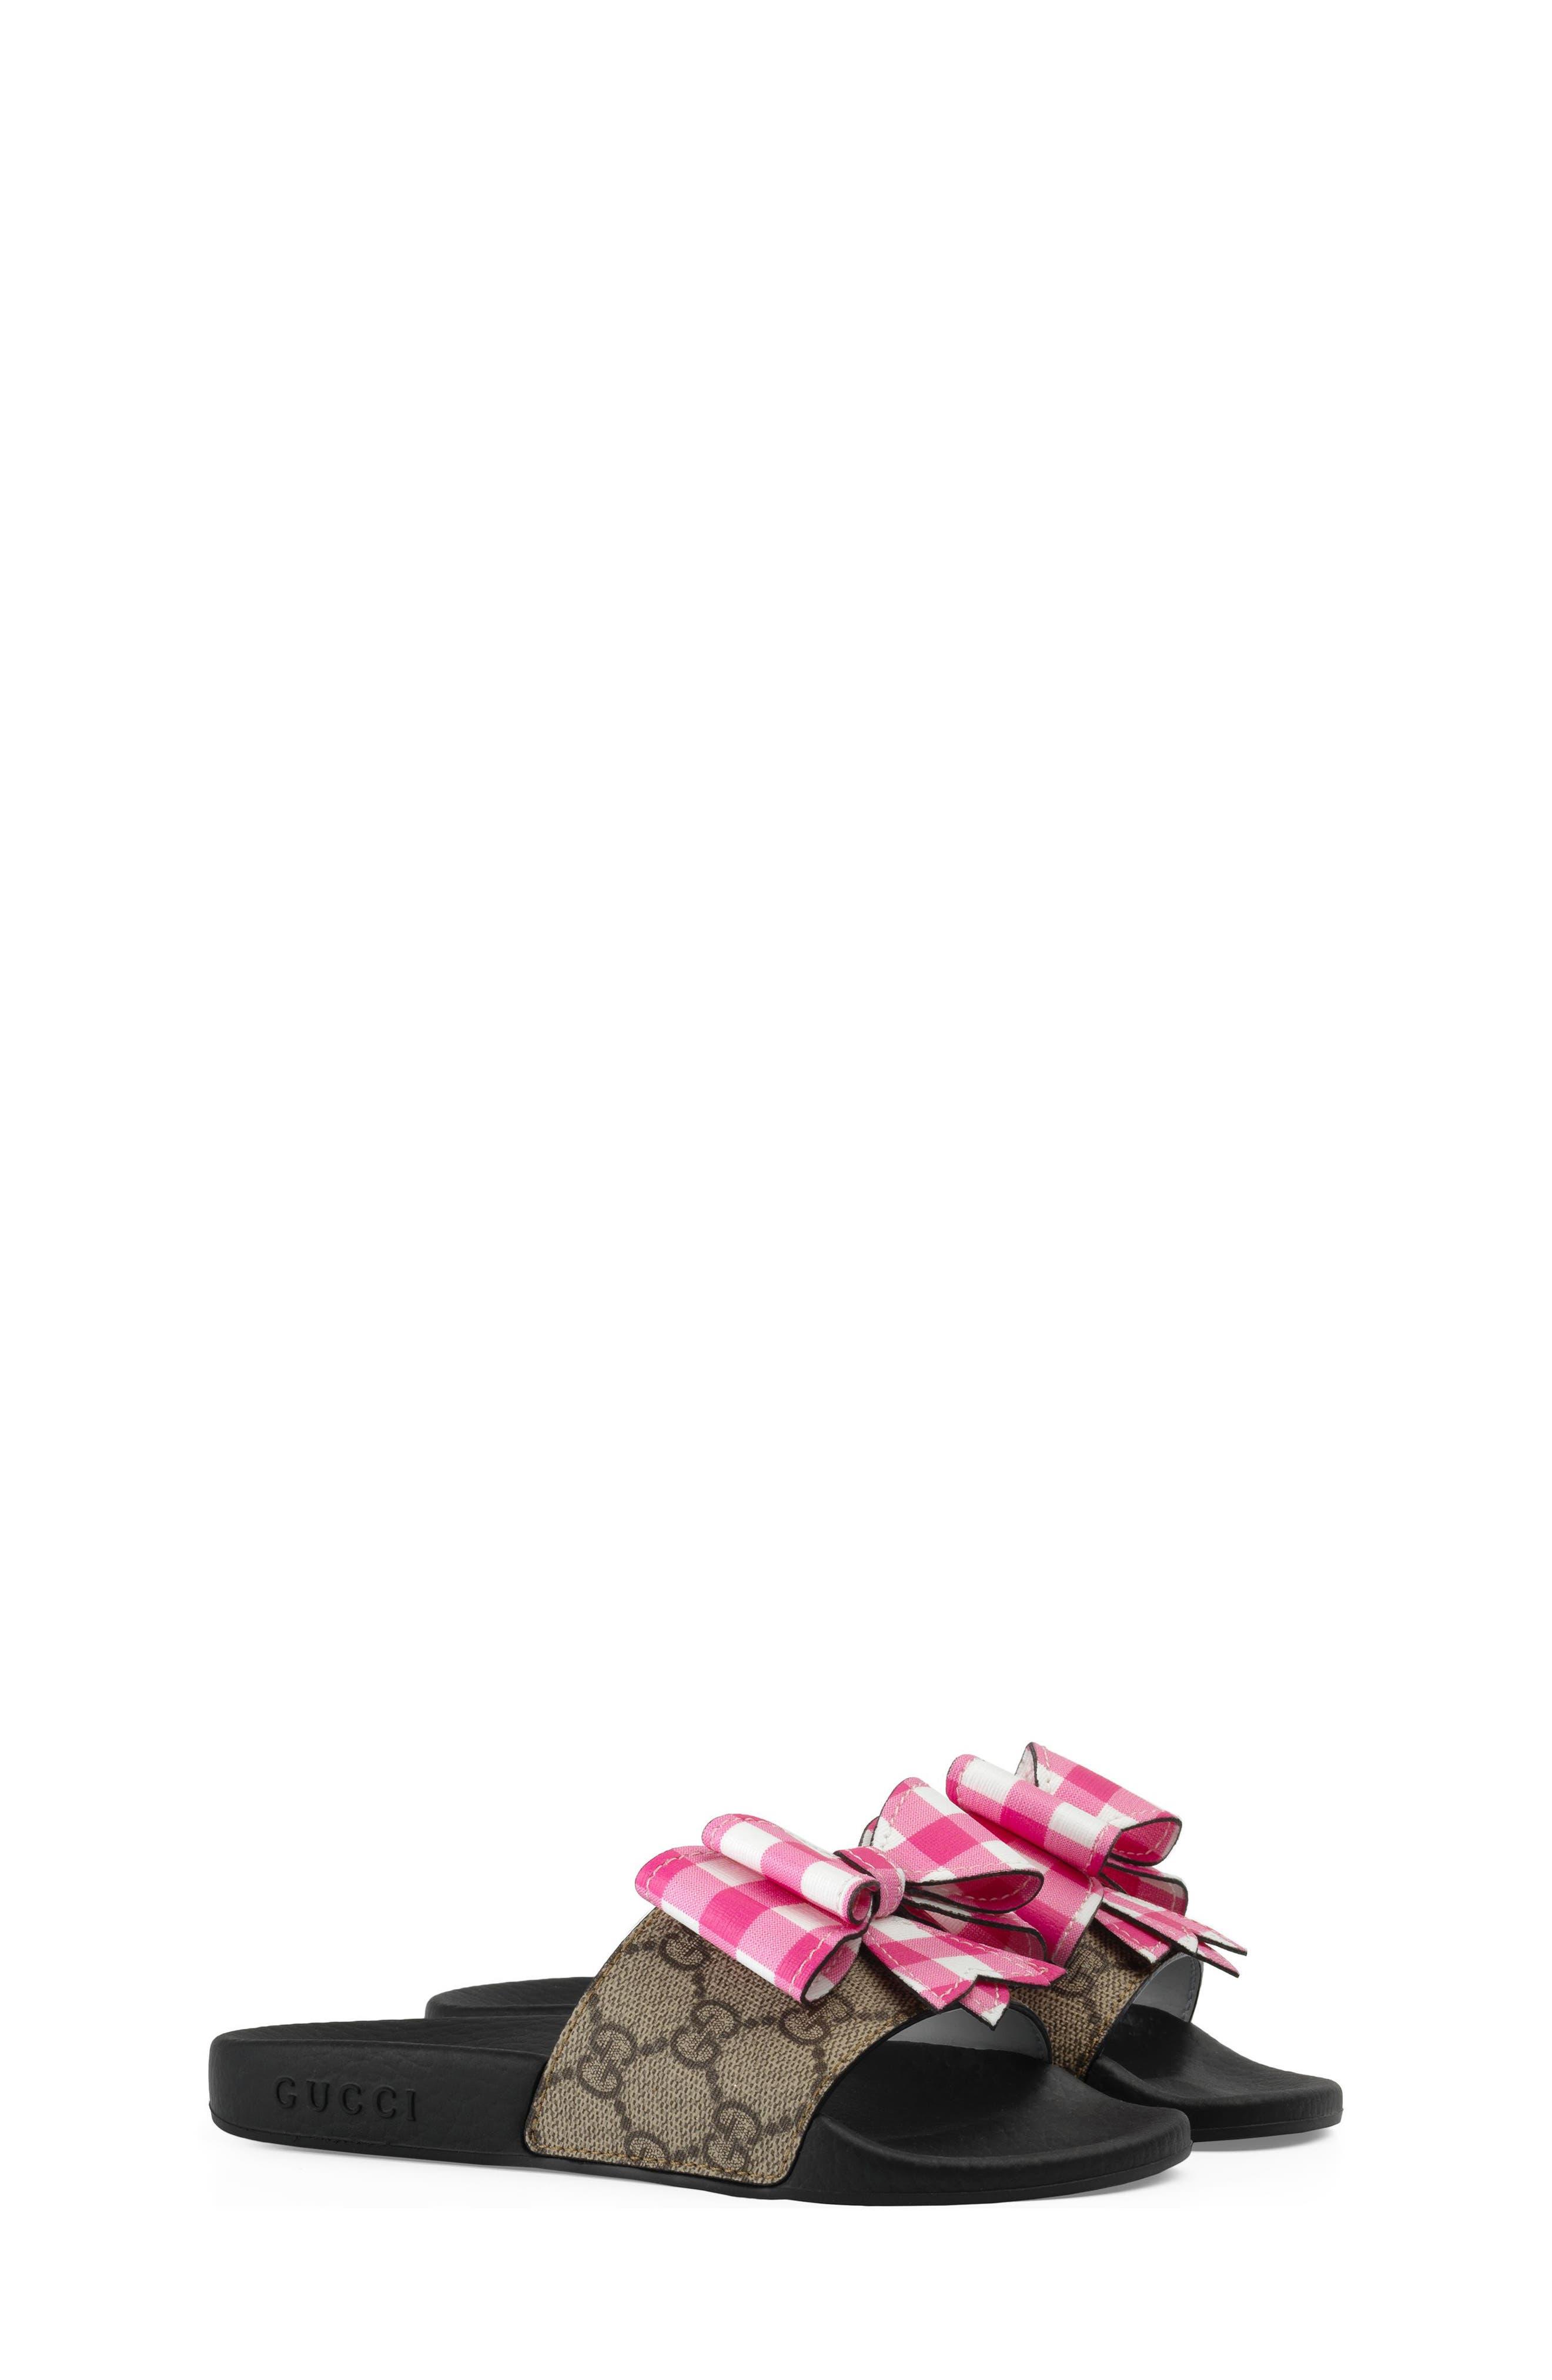 Pursuit Bow Slide,                         Main,                         color, Beige/ Pink